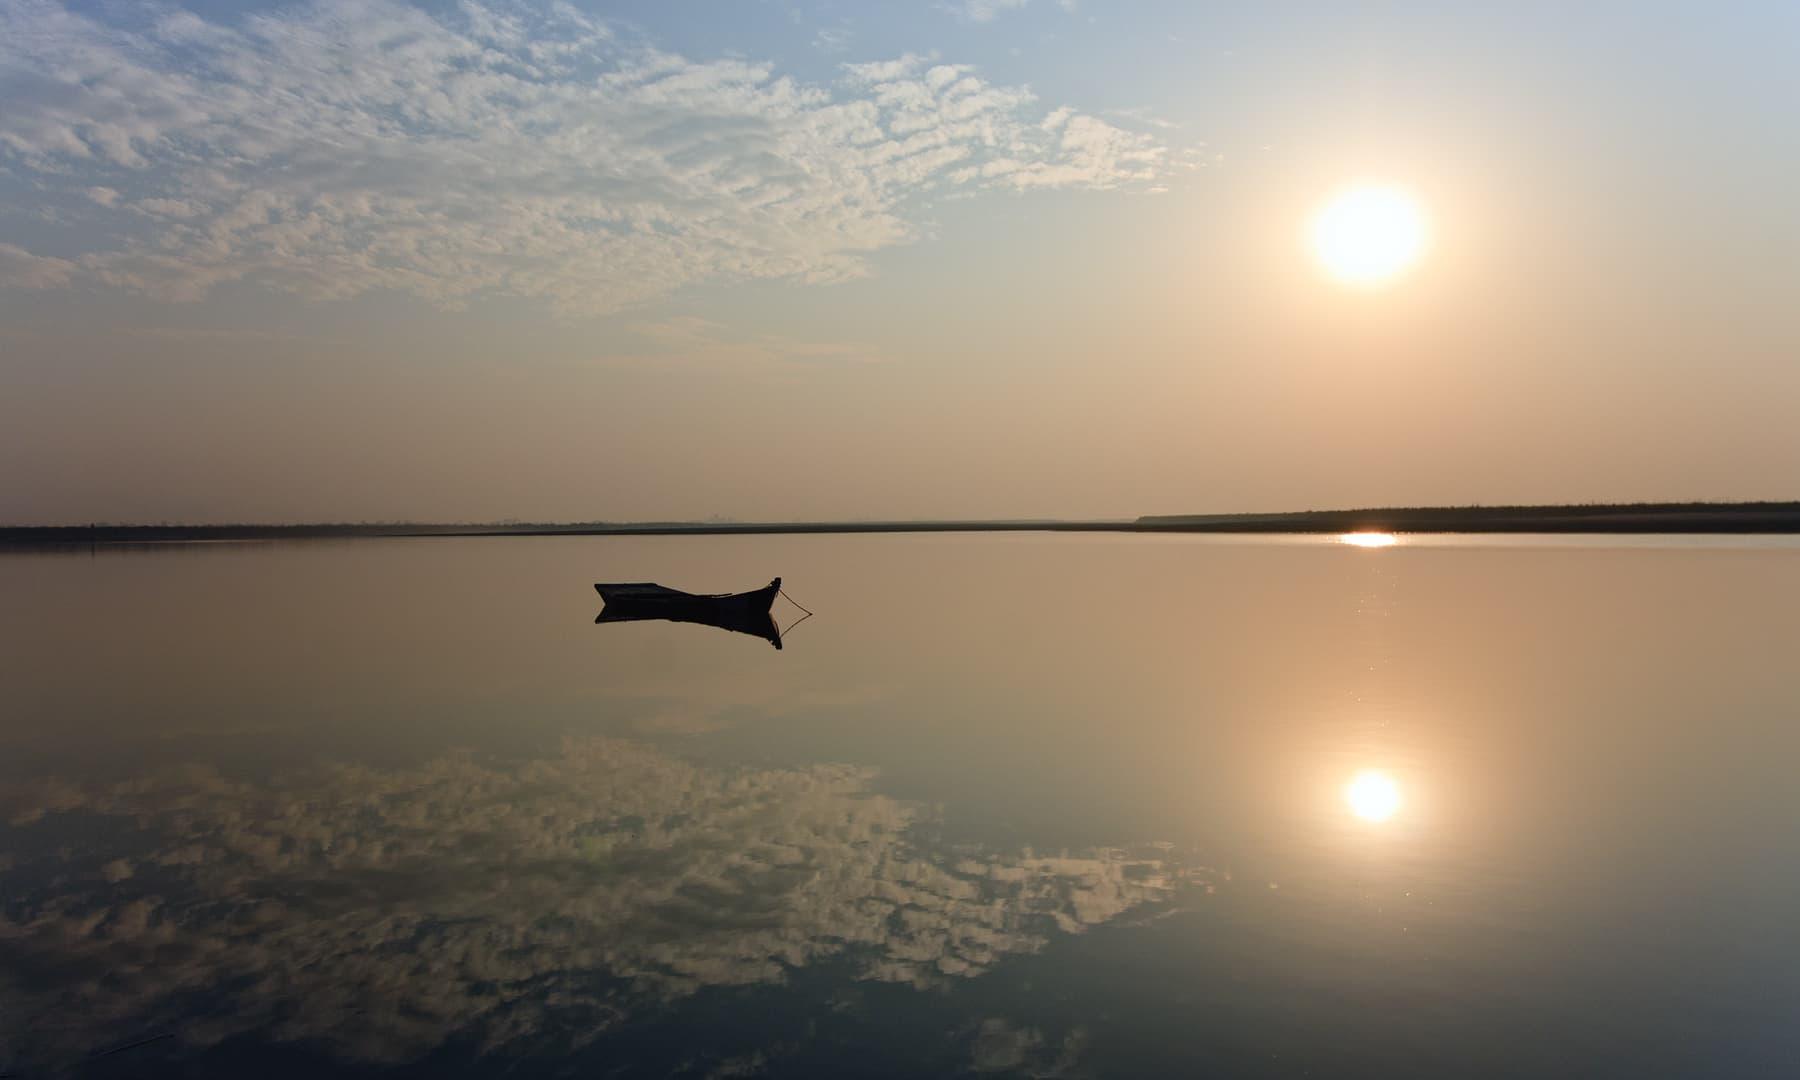 دریائے چناب. — فوٹو سید مہدی بخاری